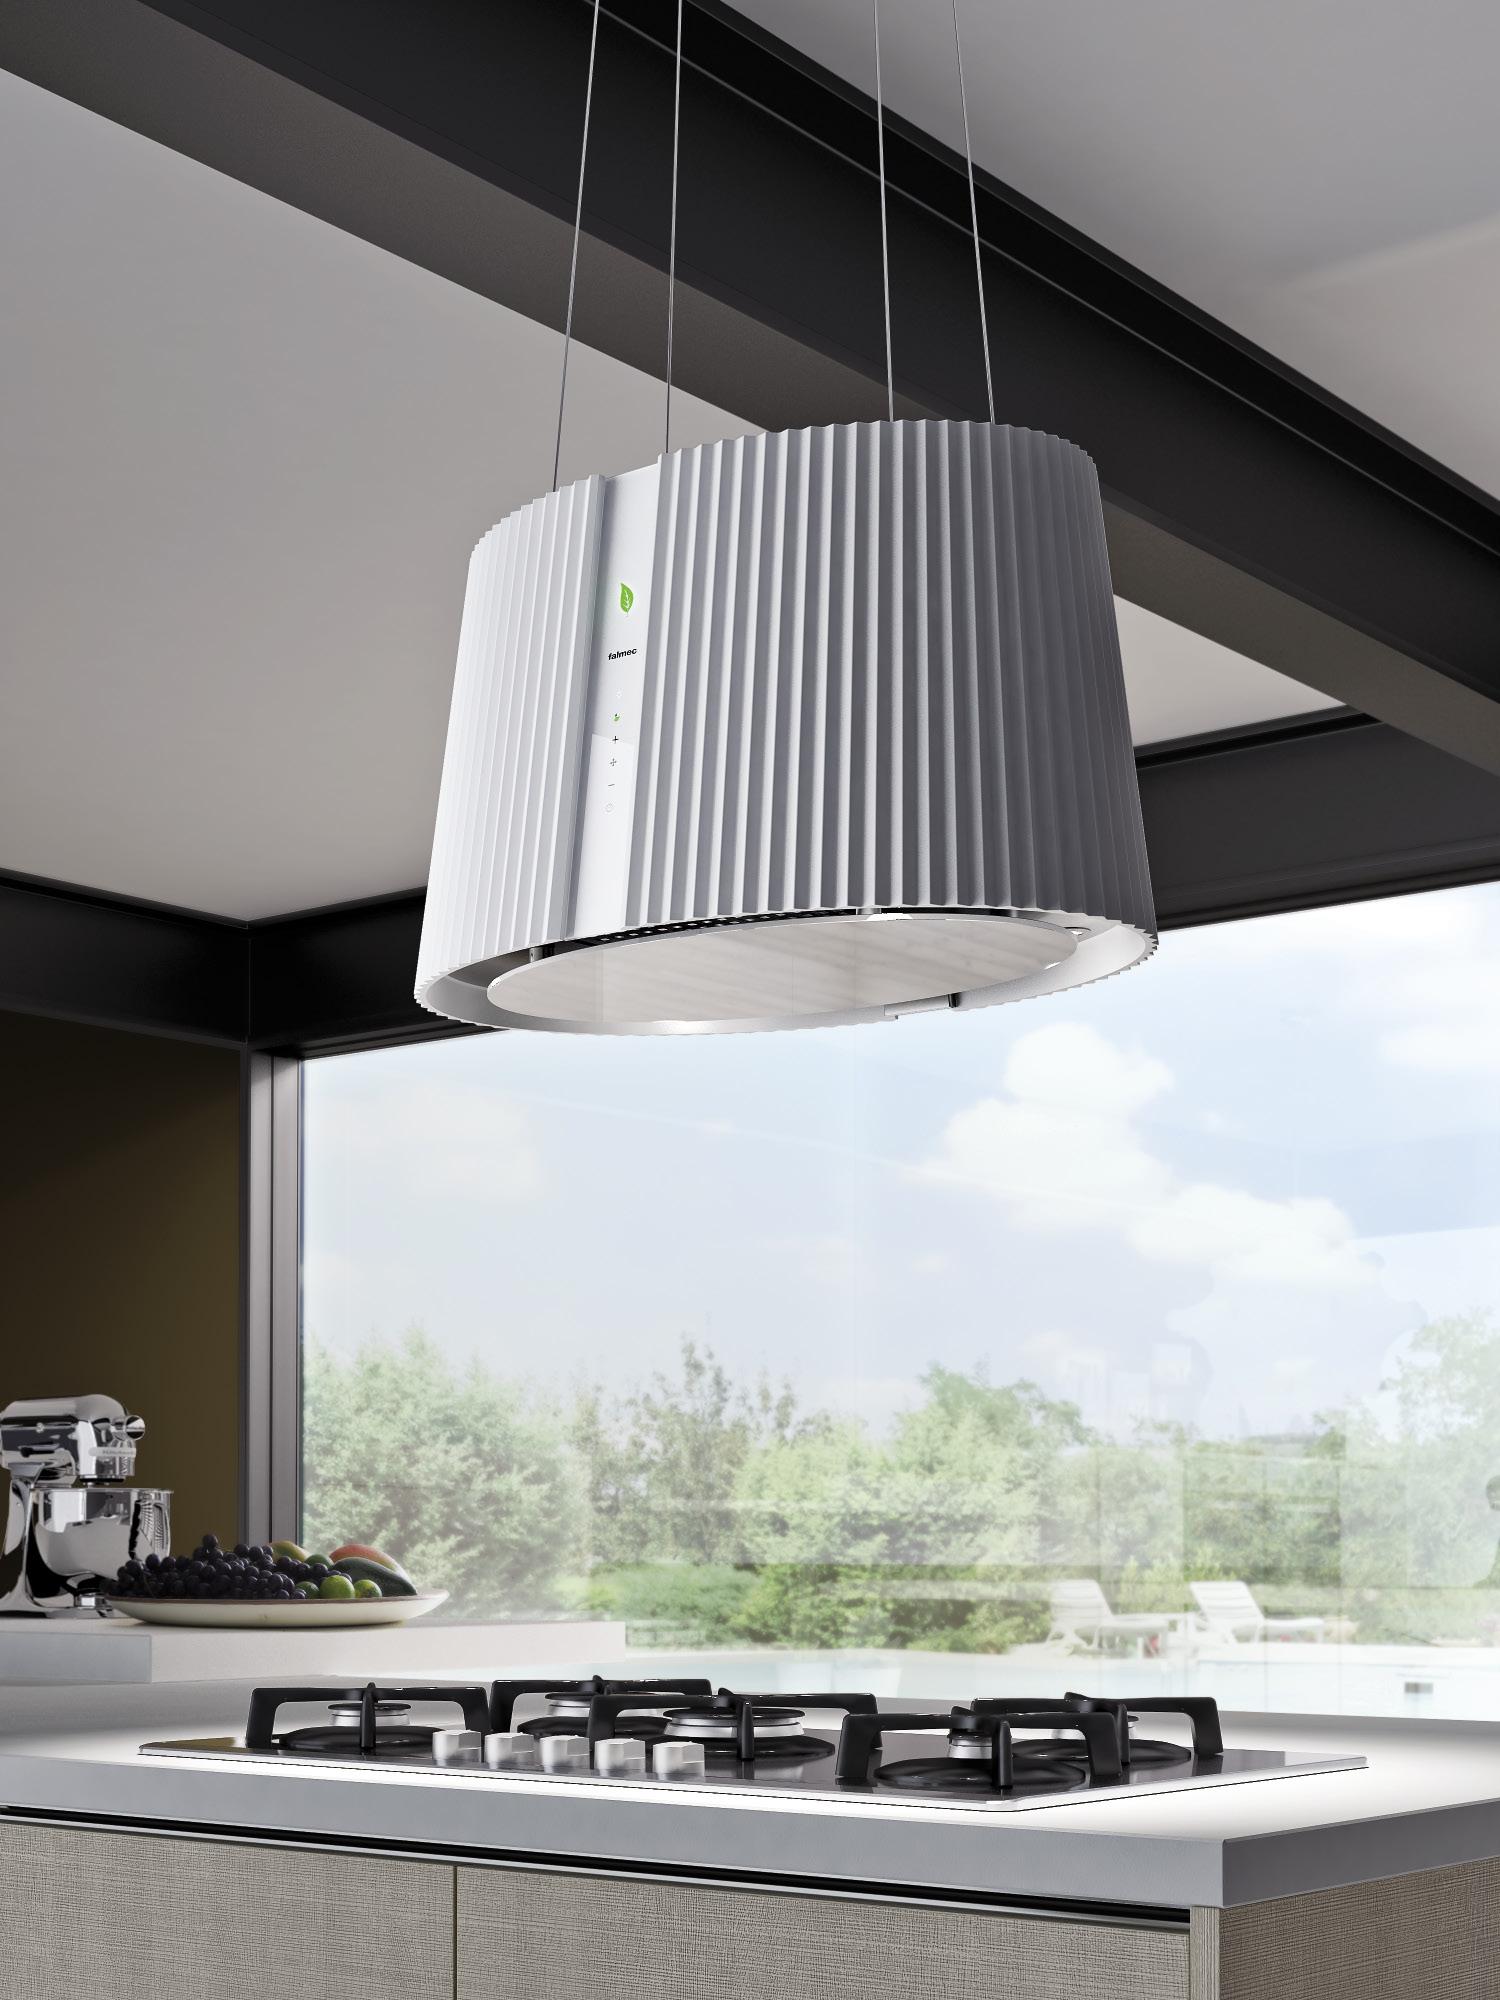 Островная вытяжка в виде лампы на кухне